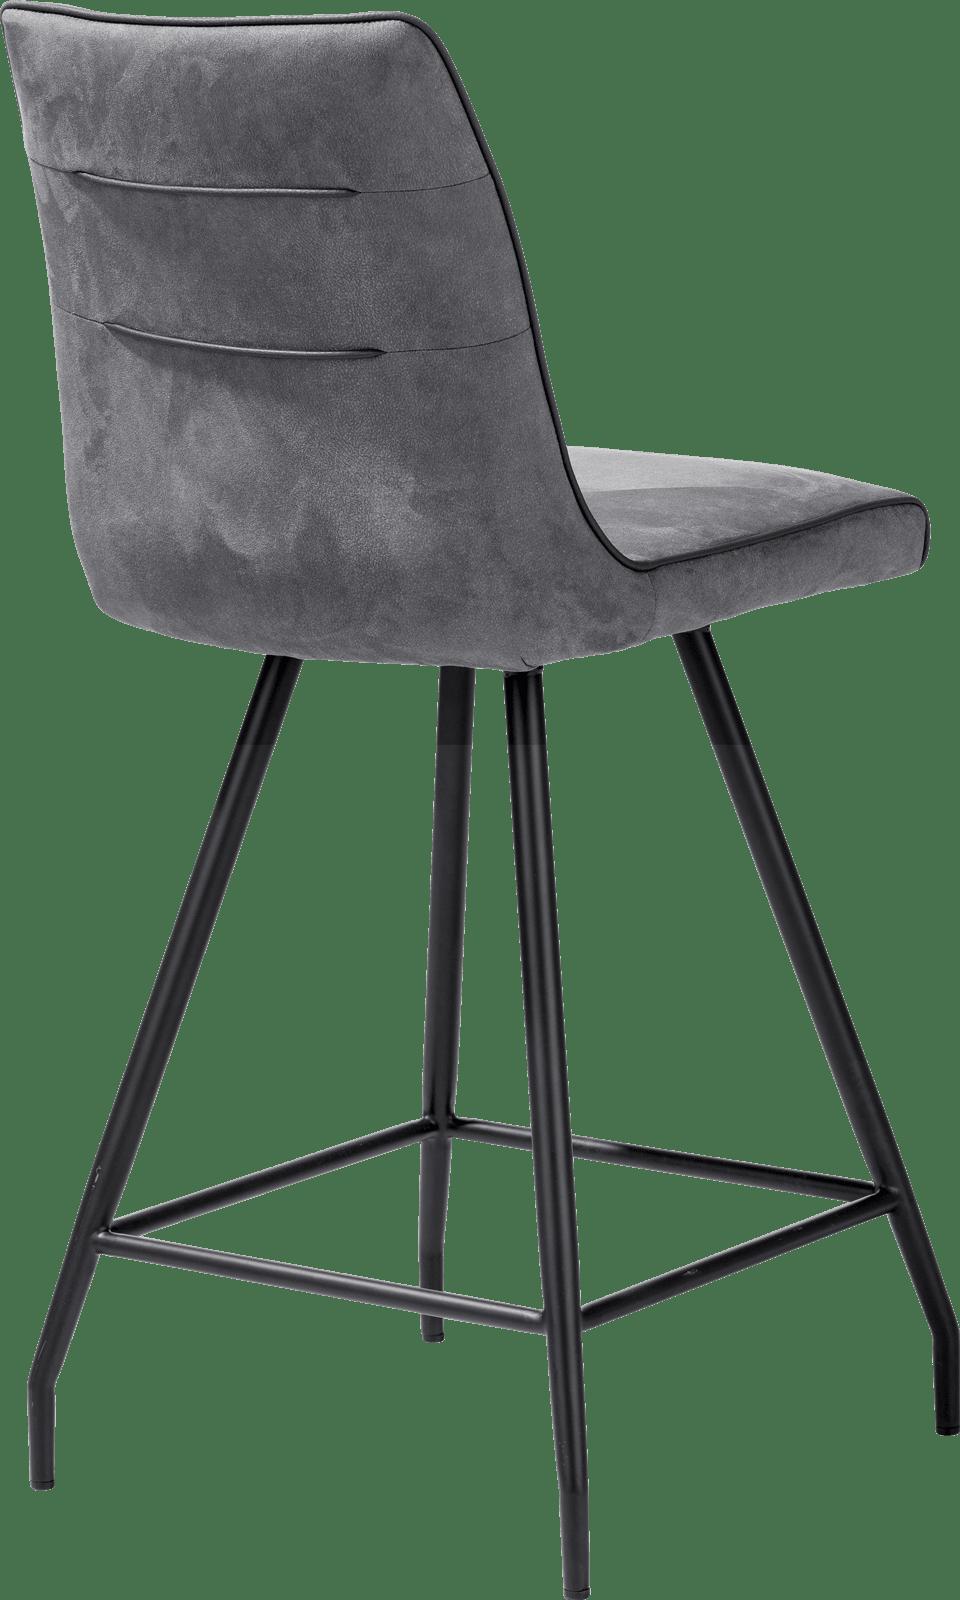 Chaises de salle à manger Maxim 100x55 cm | HetH